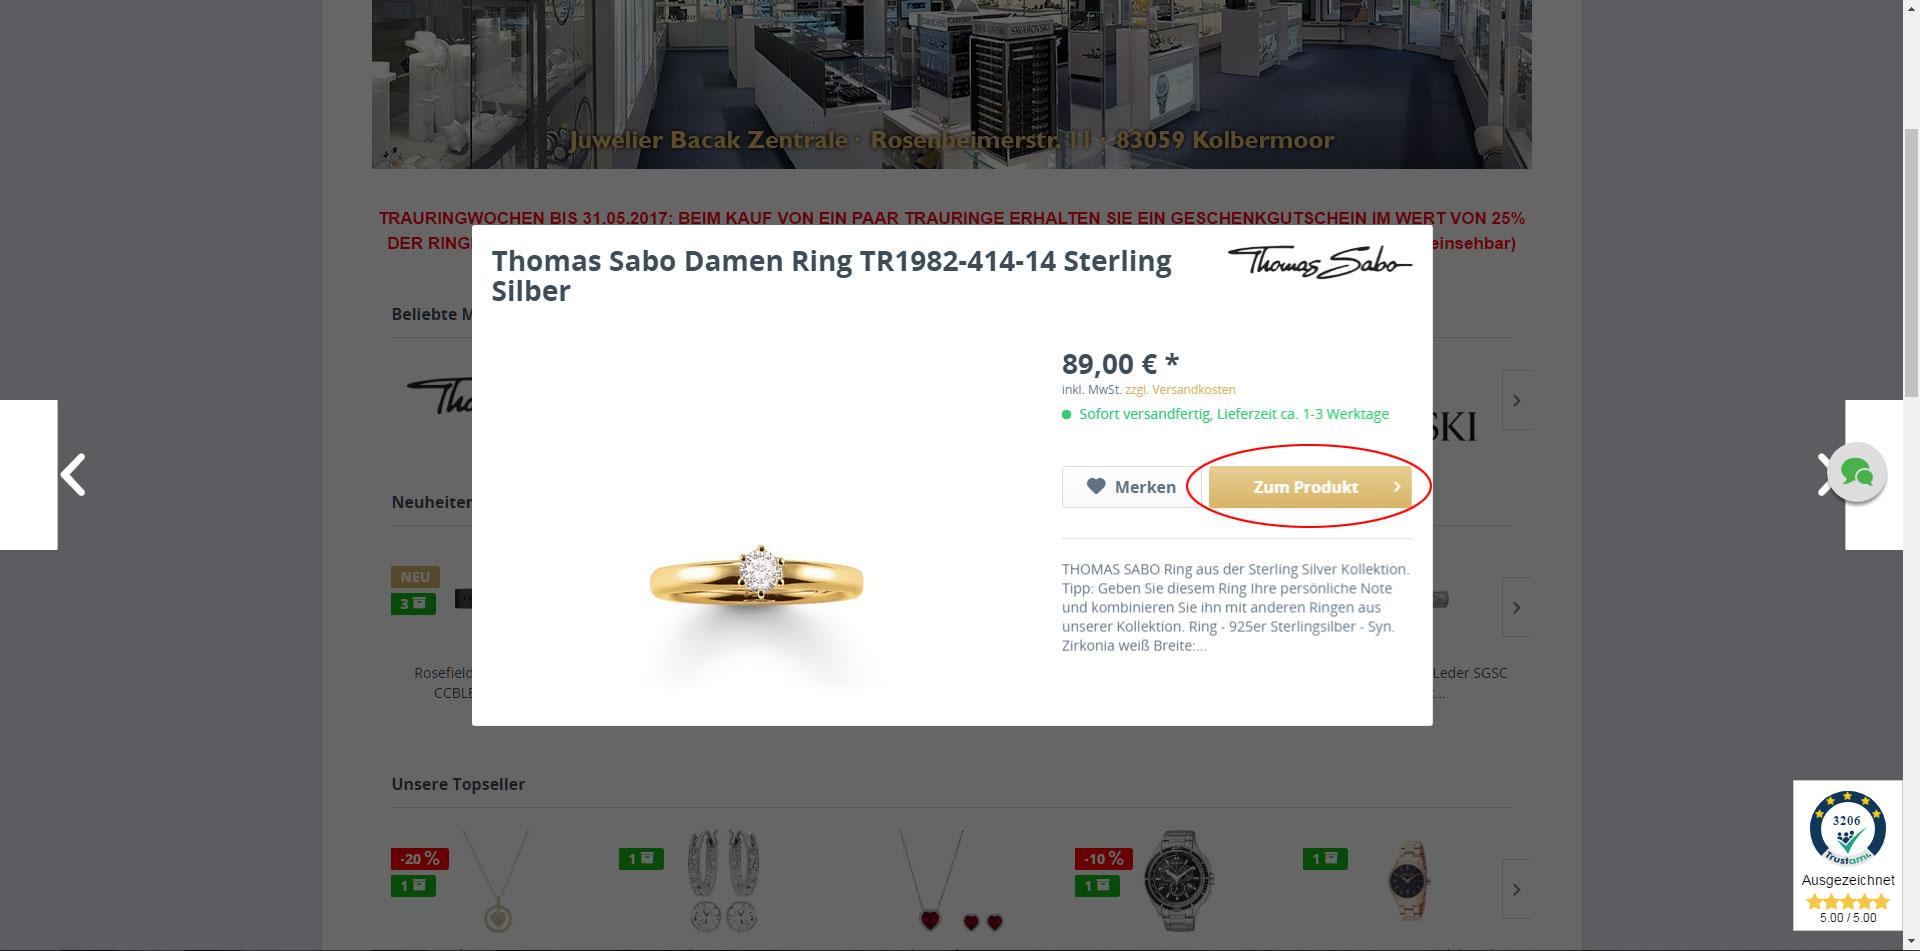 Zum Produkt - Screenshot